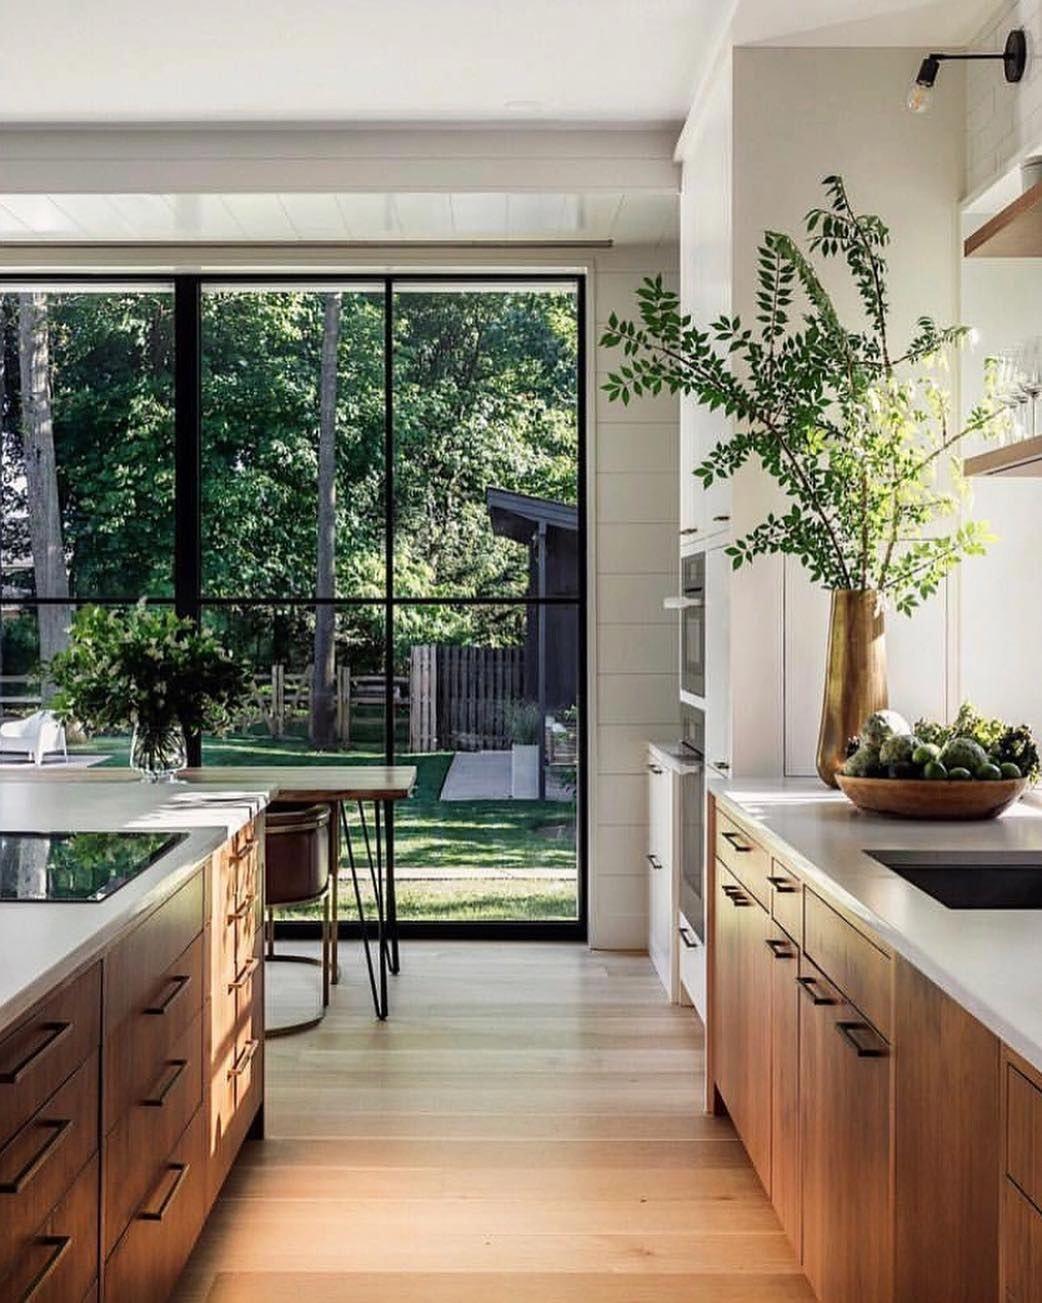 interior2you via homebytaylor rustichomedecor kitchen window design home interior design on kitchen interior with window id=62294